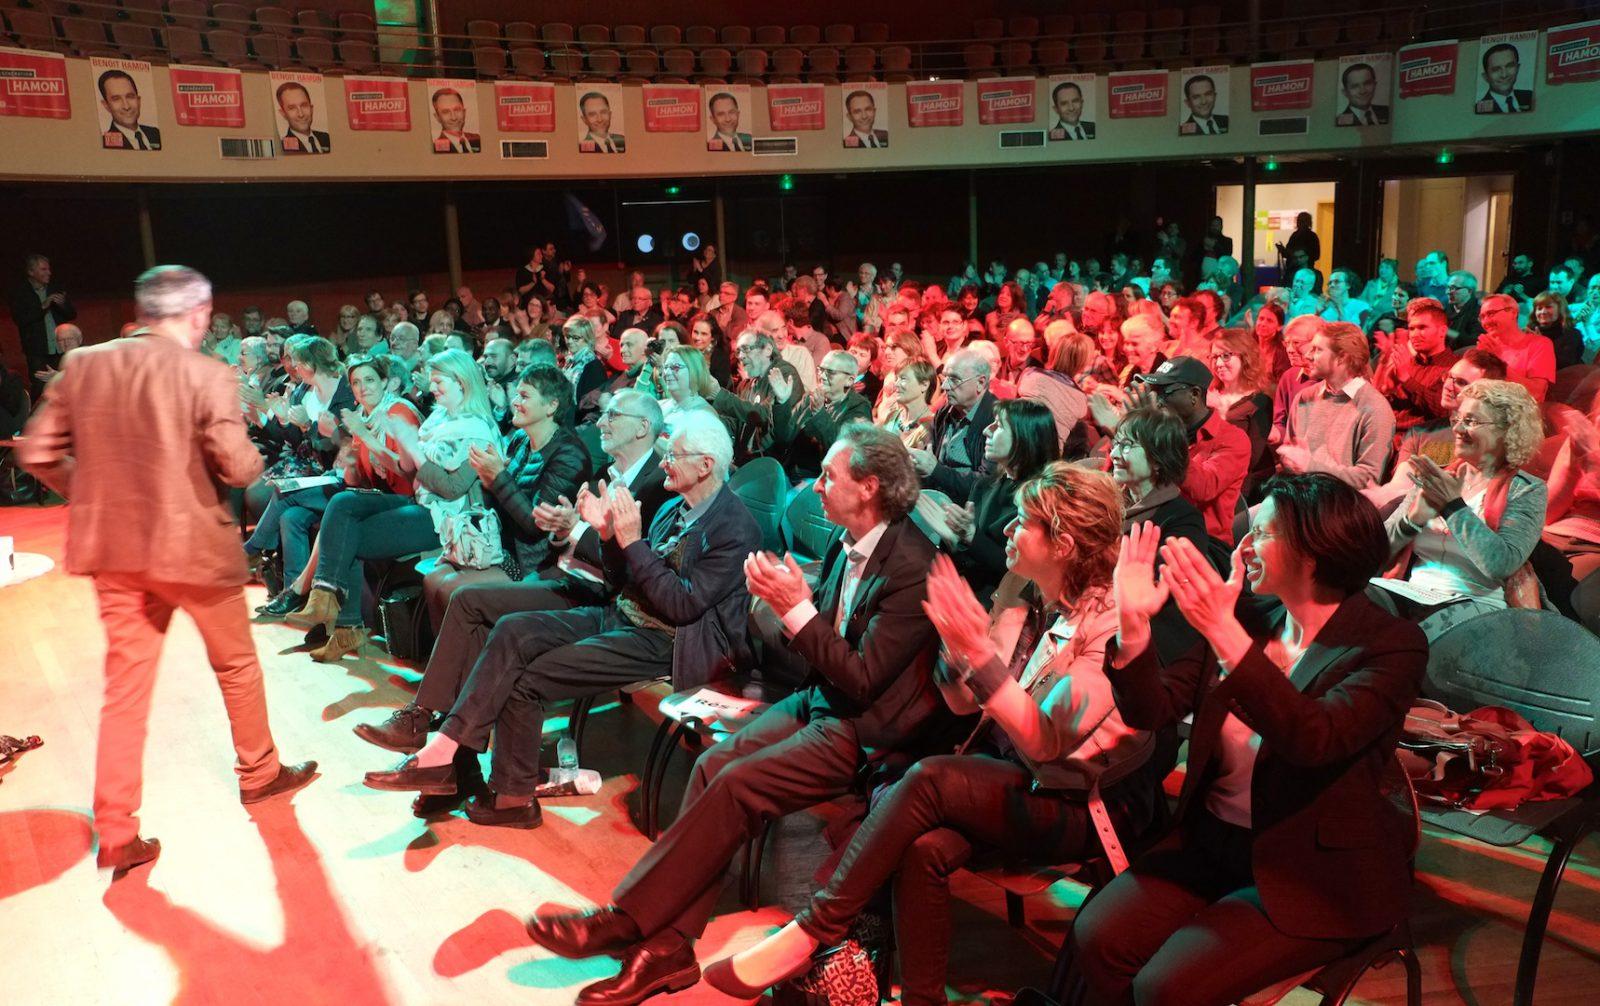 Un peu plus de 200 personnes ont soutenu Benoît Hamon au Kursaal tandis qu'à peu près autant s'enthousiasmaient pour Jean-Luc Mélenchon à Battant. (photos Daniel Bordur)